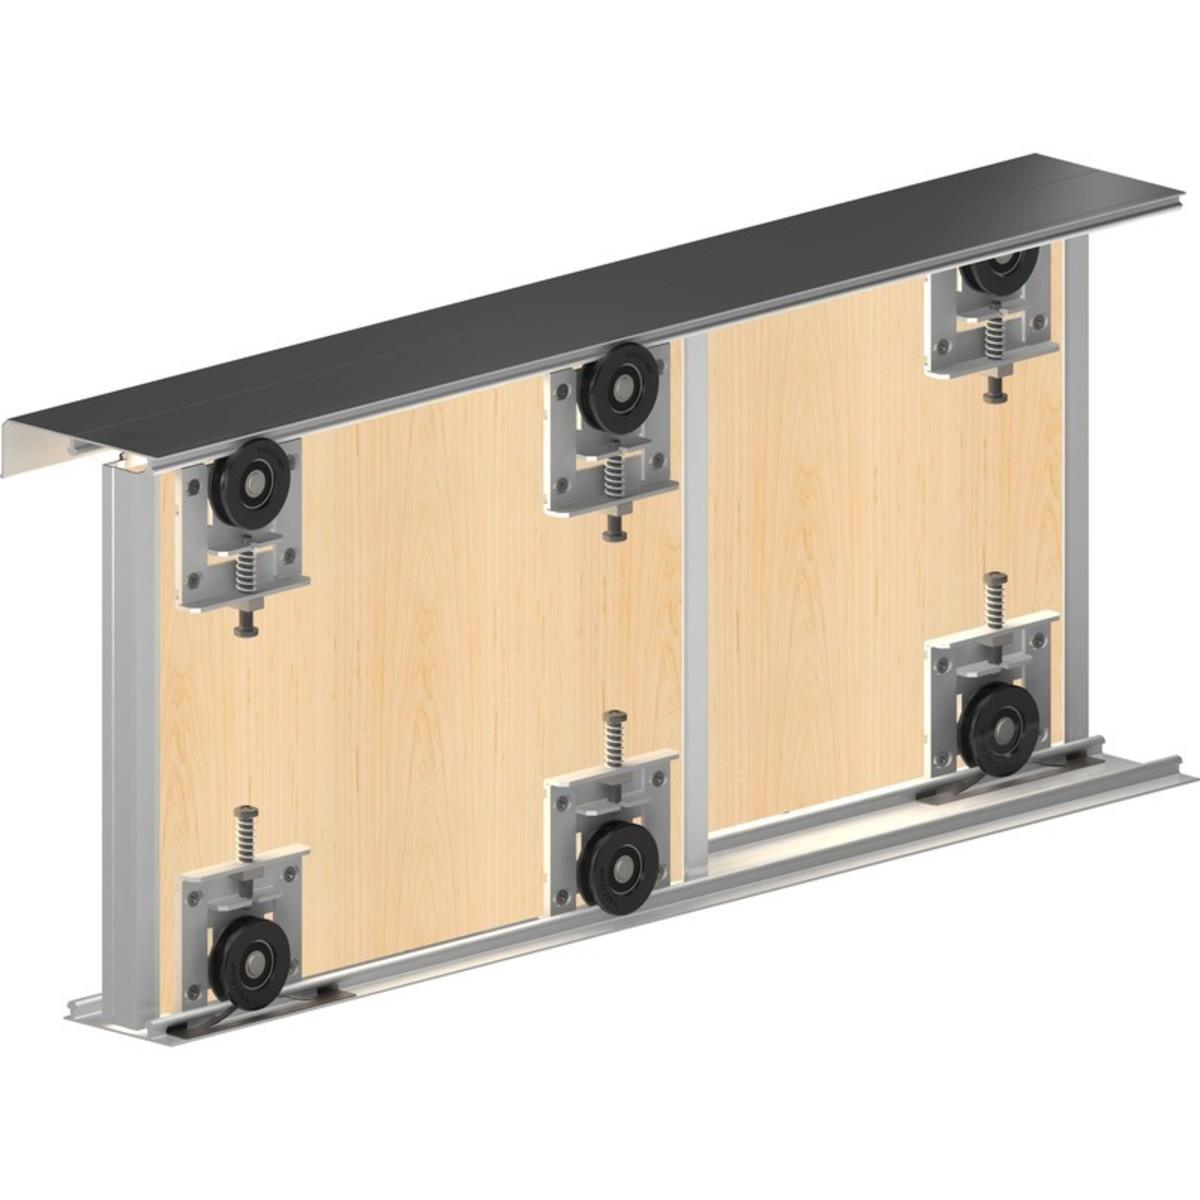 Система для раздвижных дверей Betta 1800 мм для 2 дверей цвет золото